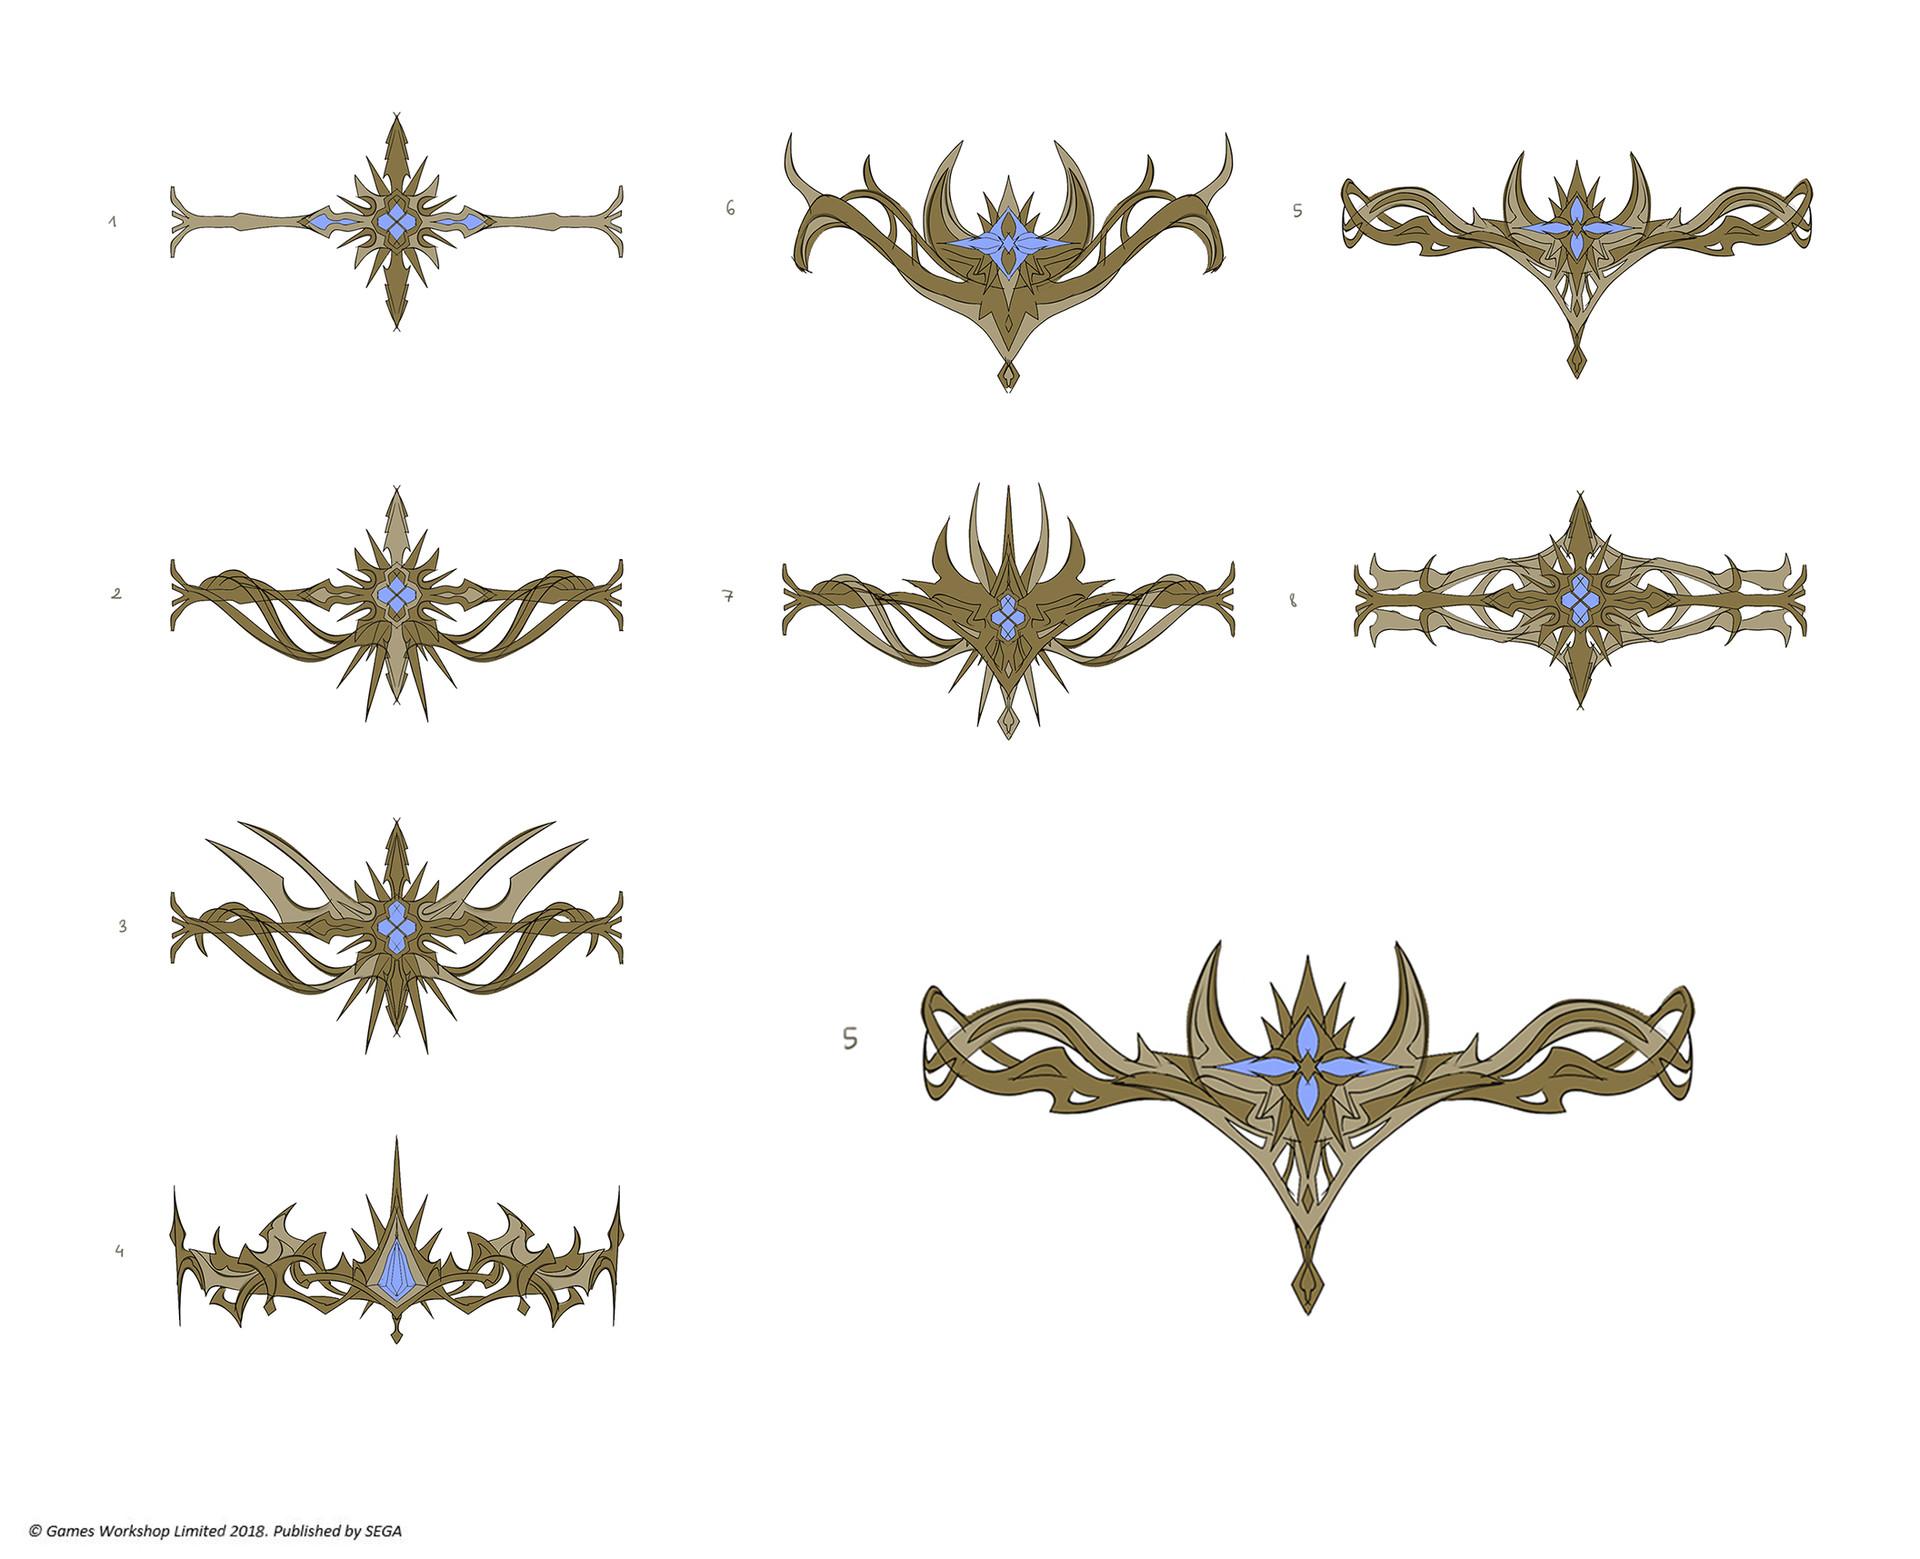 Star Crown designs